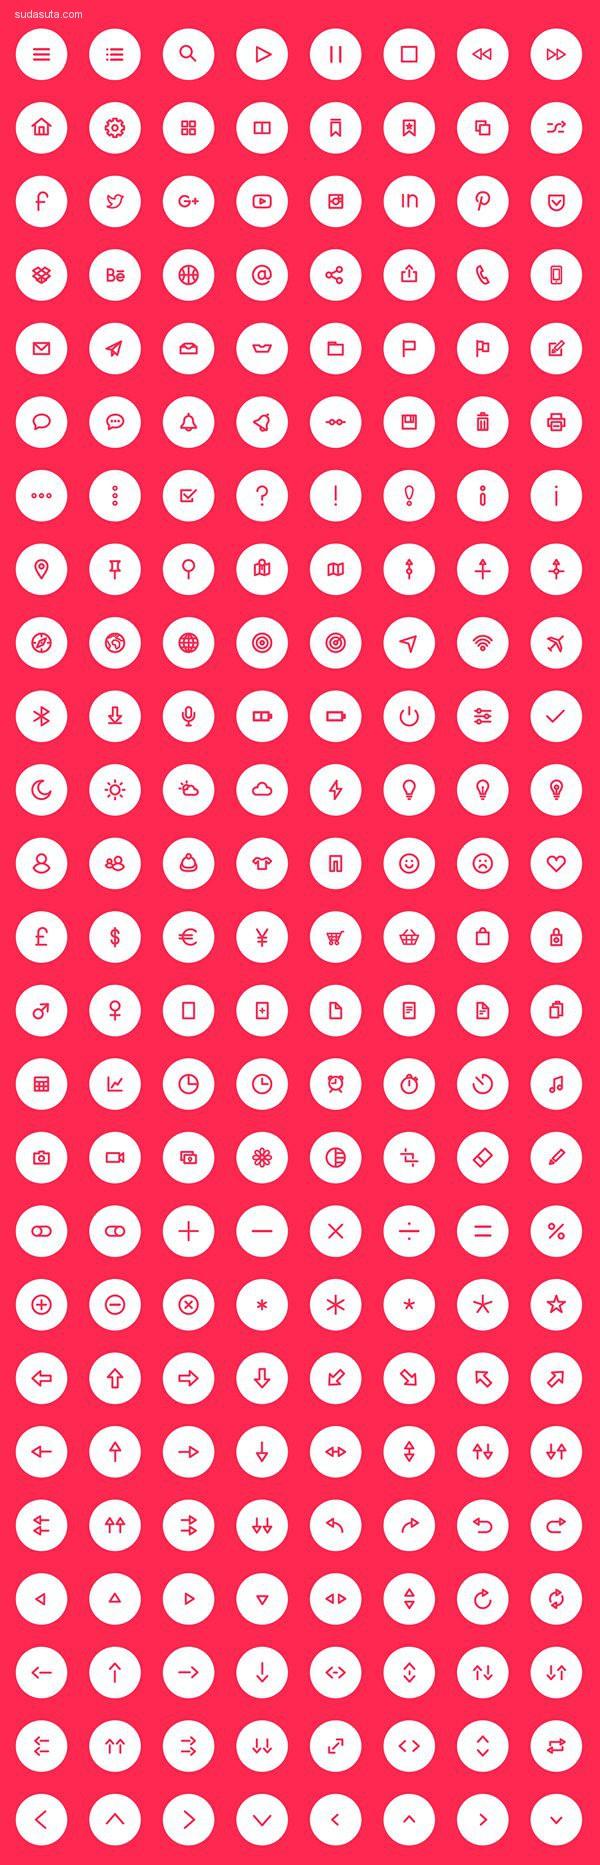 1100+ 极好的免费图标集合